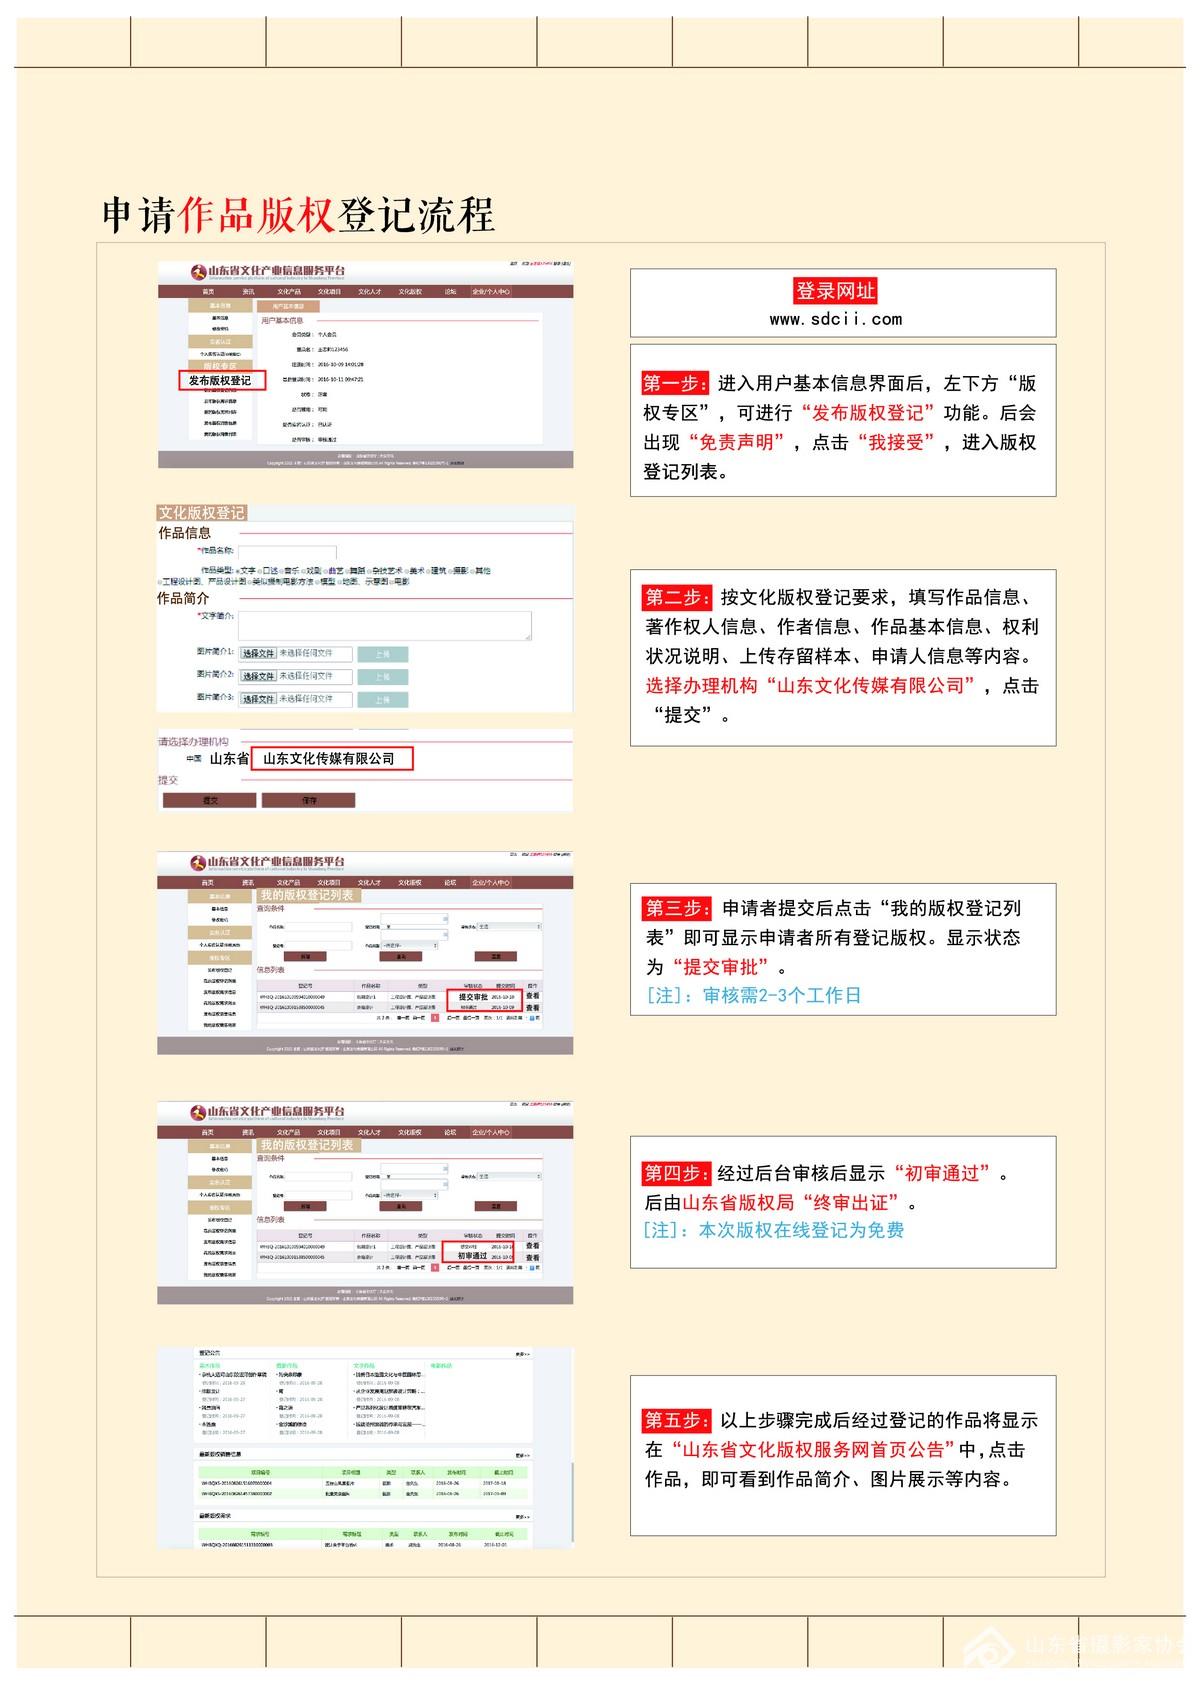 1山东省版权服务网申请版权登记流程图.jpg